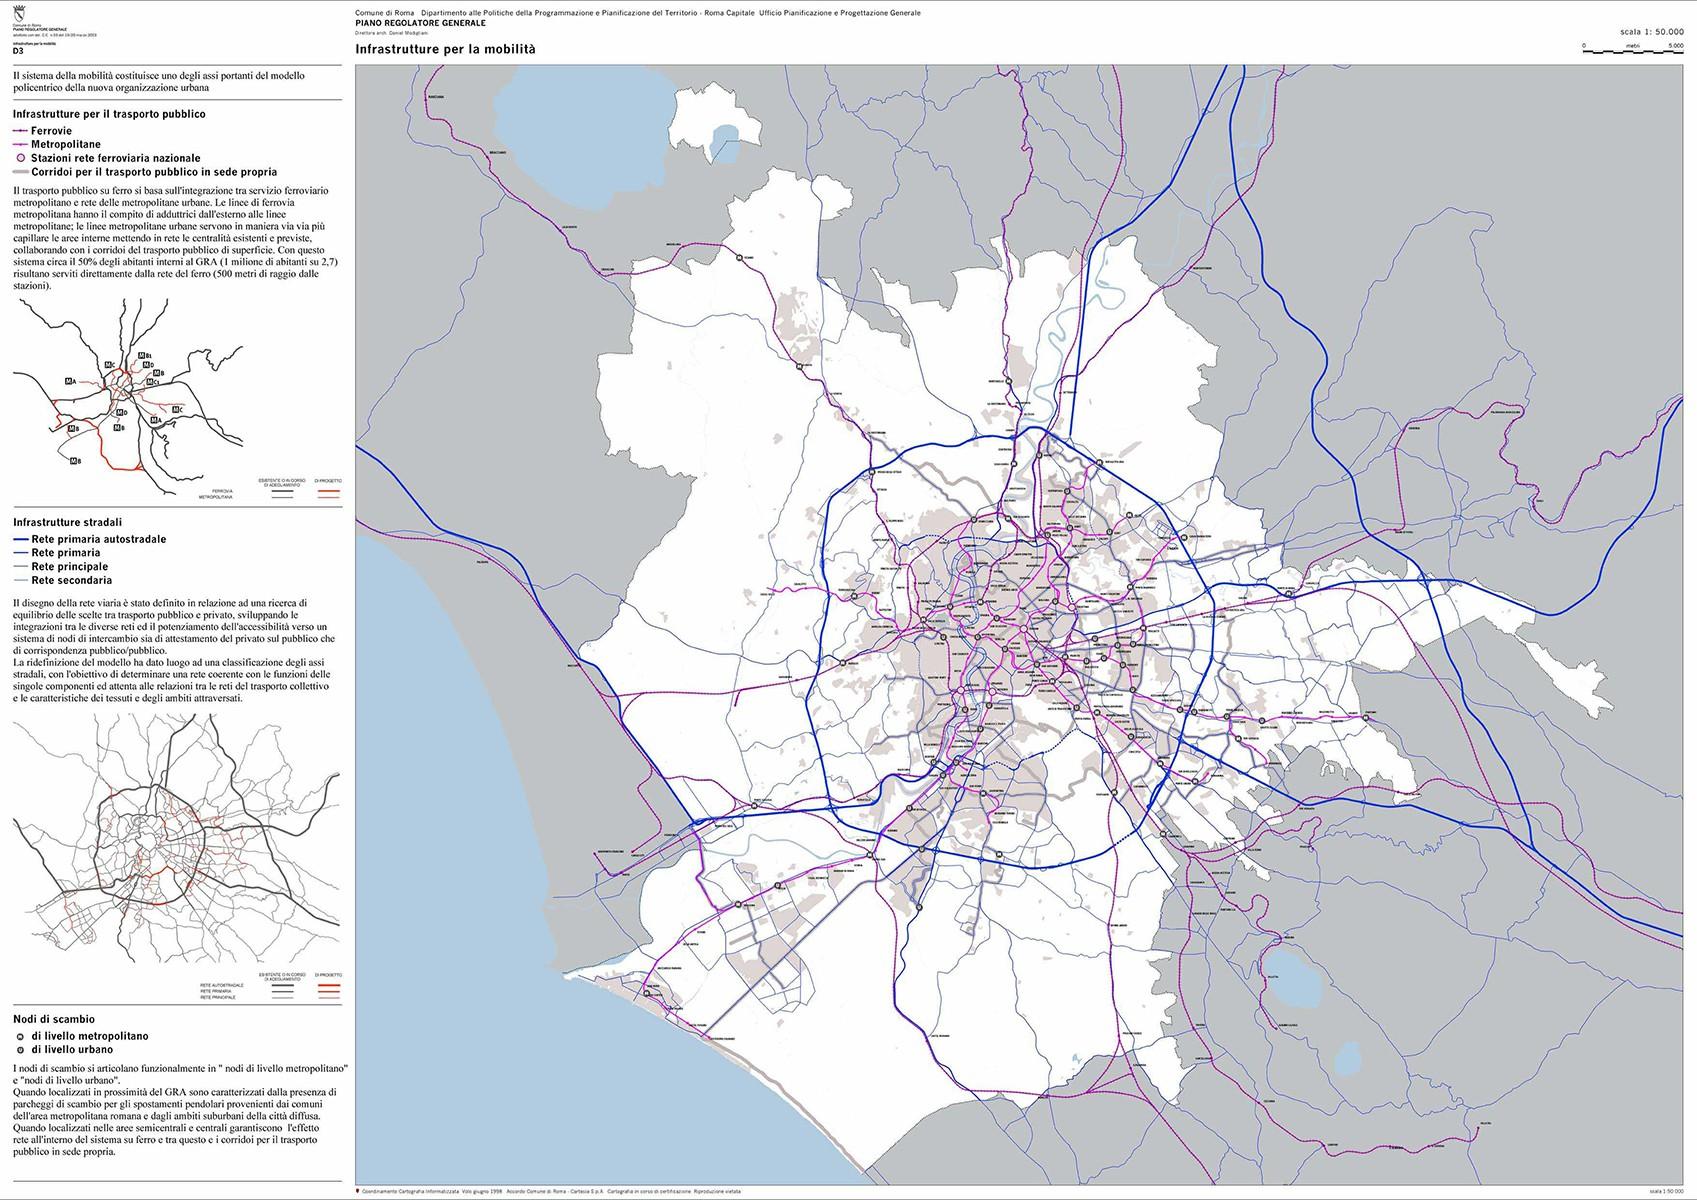 121 ufficio decoro urbano comune di roma le 50 citt pi